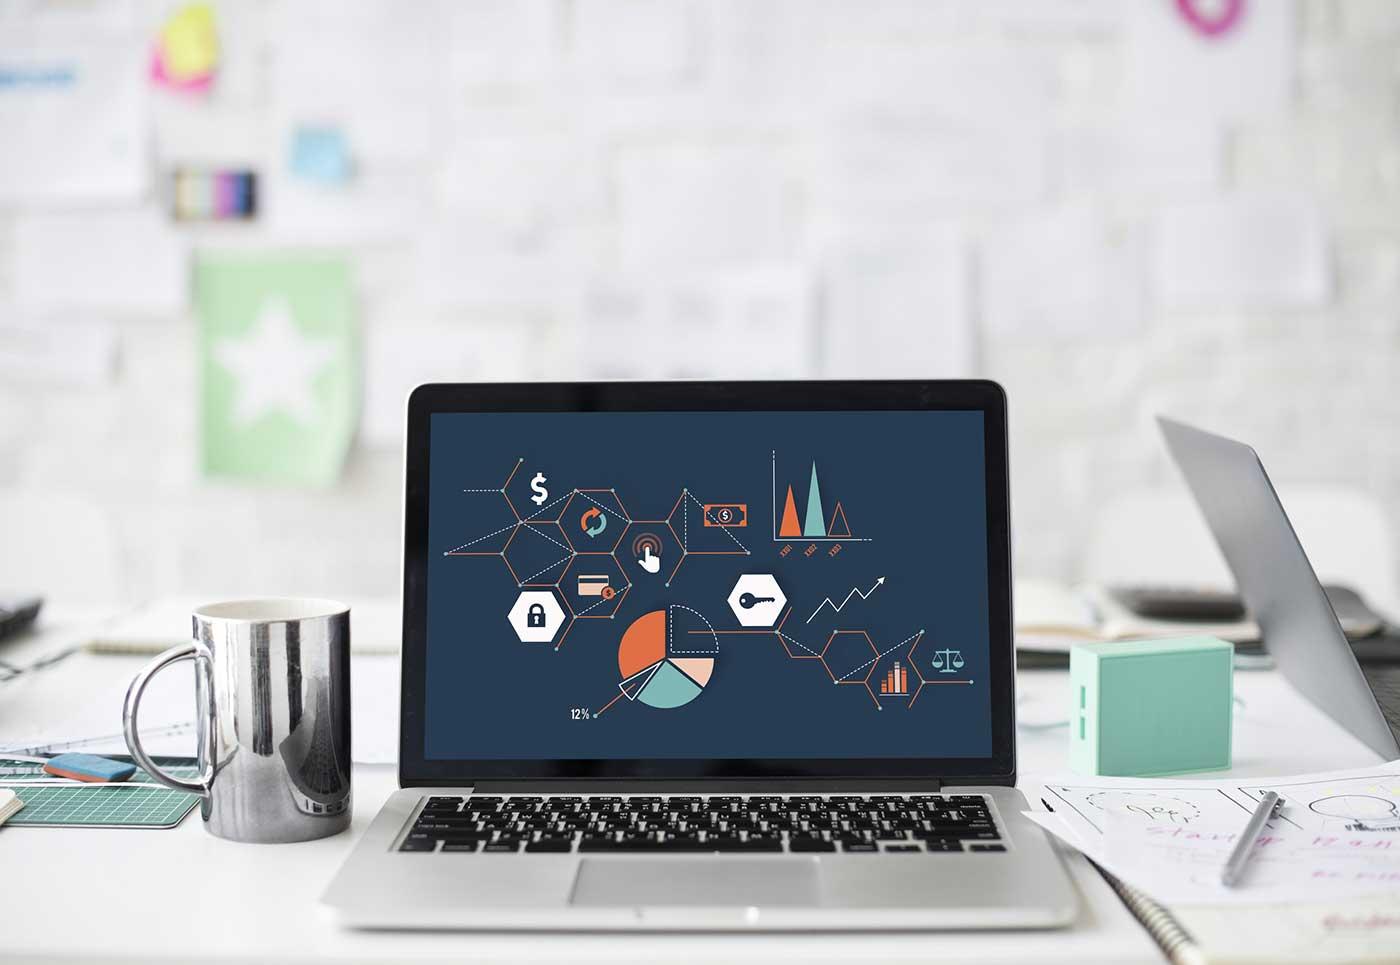 Laptop on the desk shows web design process at webcraff uk